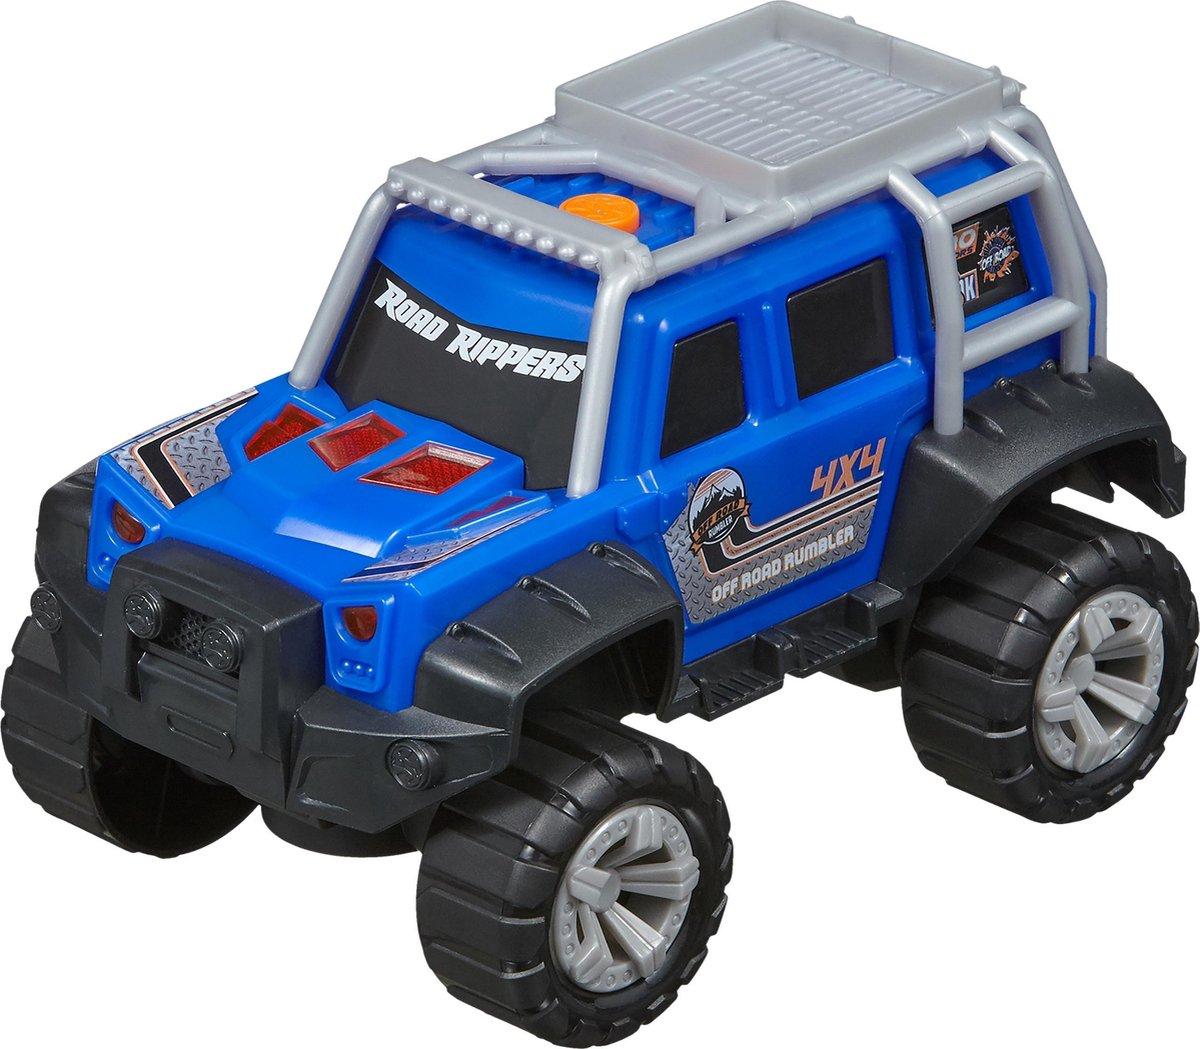 Nikko - Road Rippers Auto Off Road Rumbler: Deep Blue